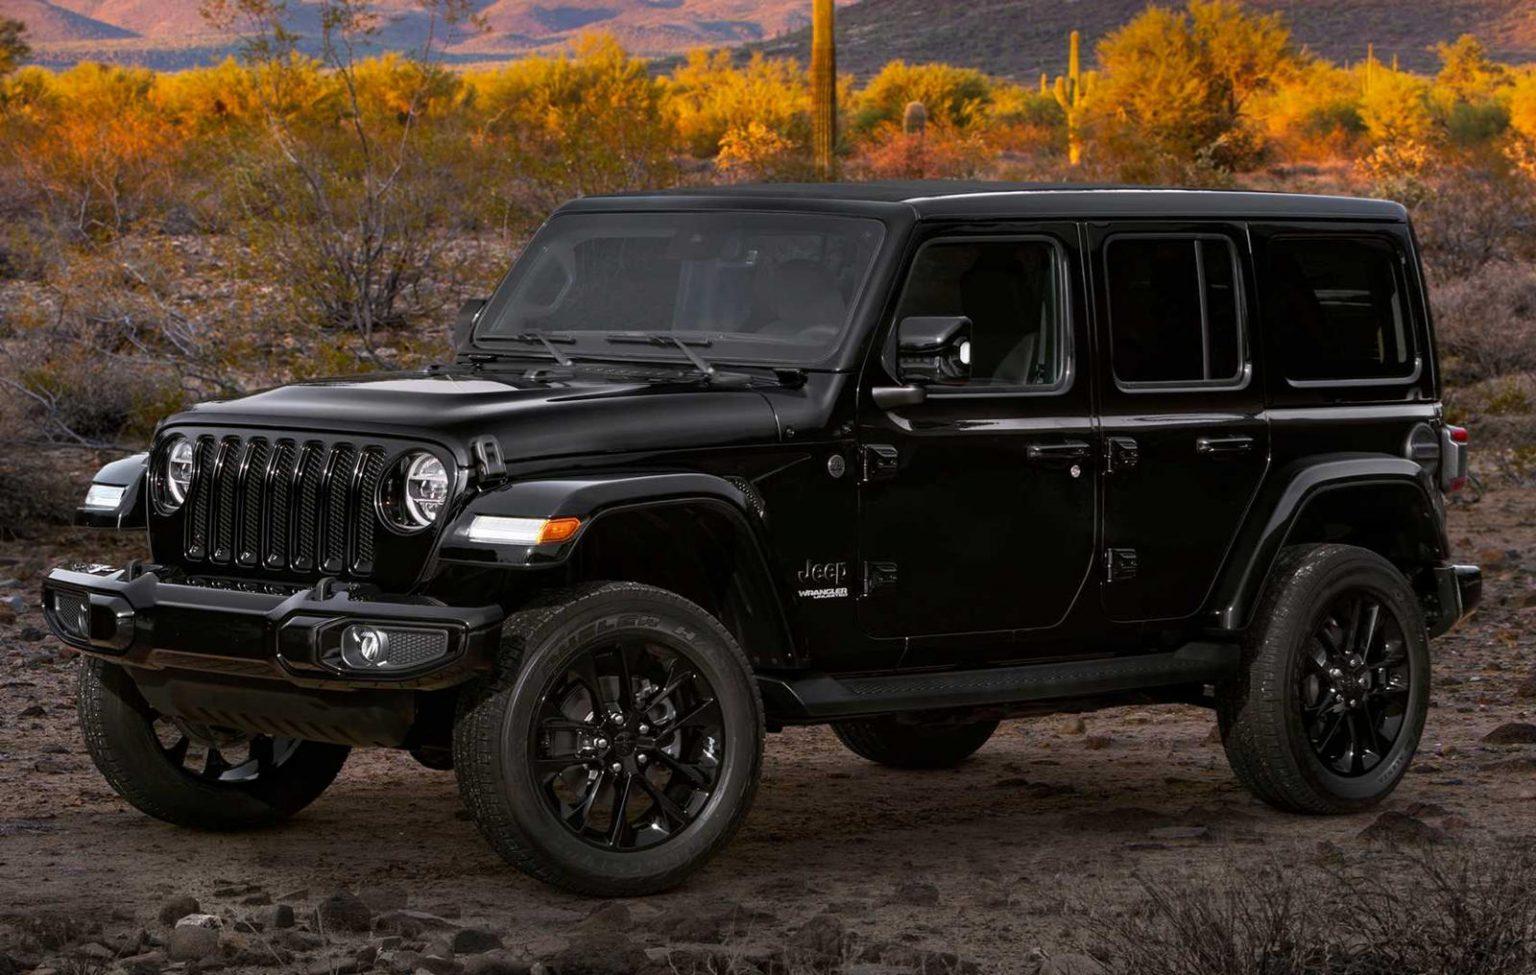 اسعار ومواصفات جيب Jeep 2021